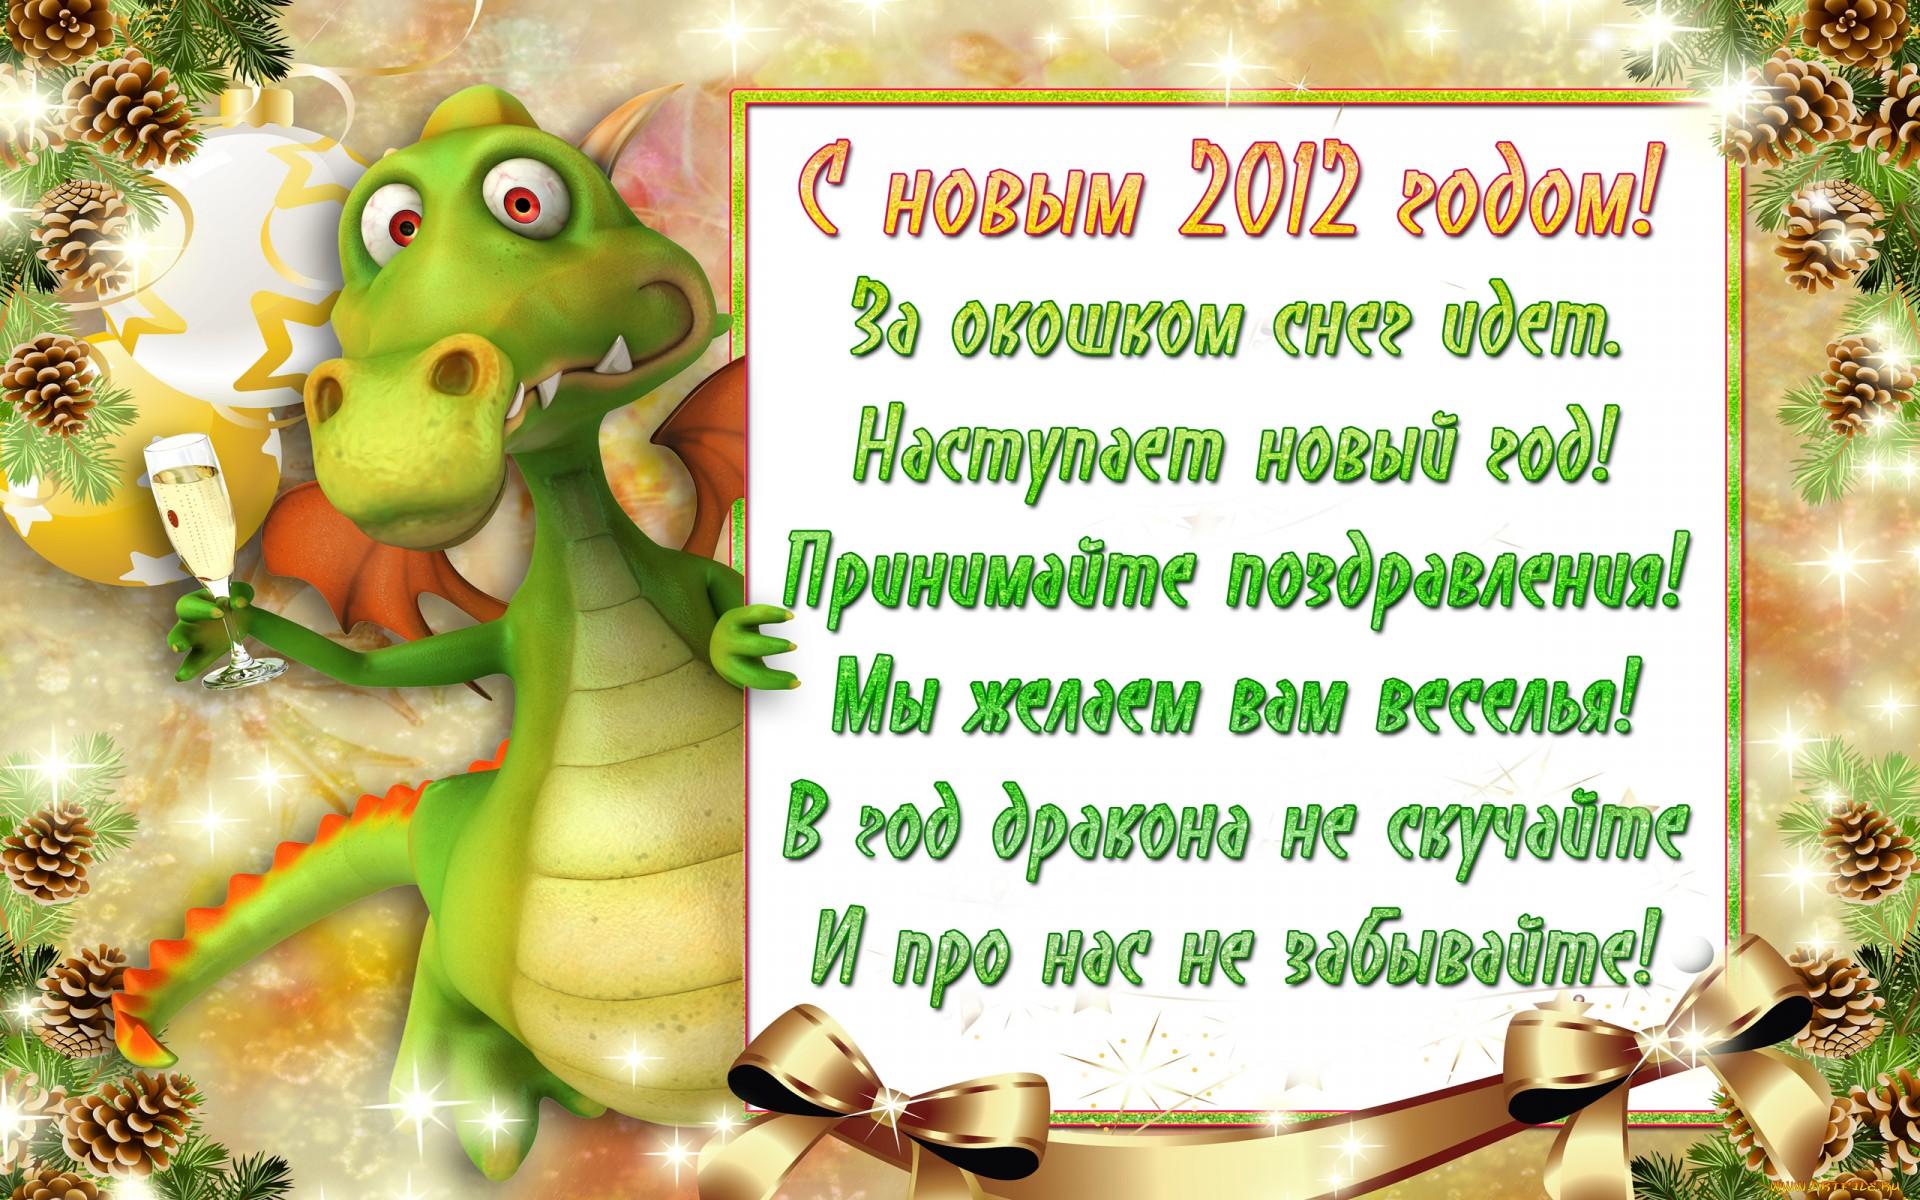 Поздравления с новым годом 2012